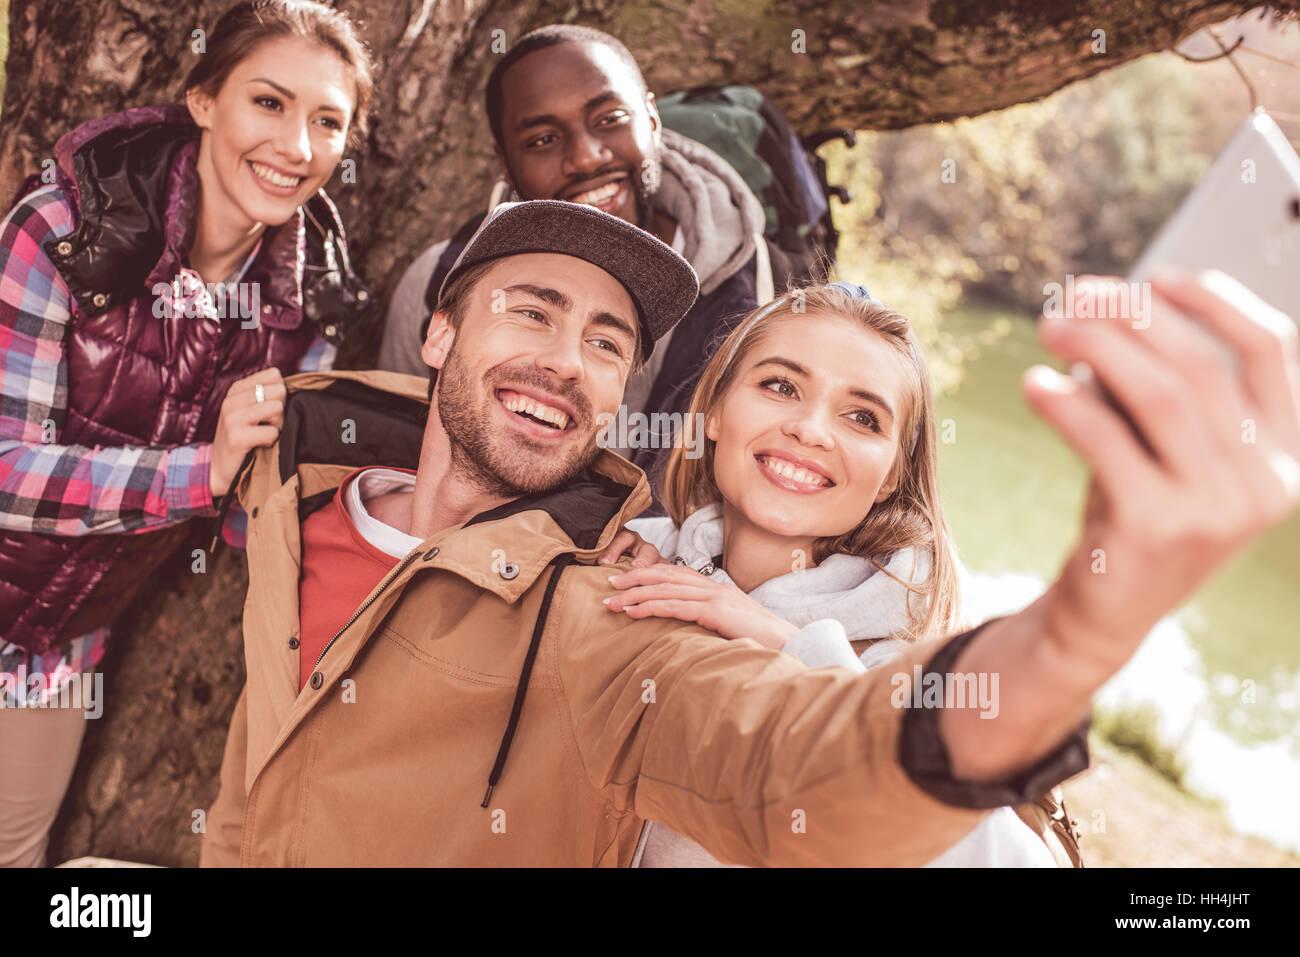 Gruppe von Jugendlichen, die in der Nähe von riesigen Baum und nehmen Selfie ruhigen Wald Fluss stehend Stockbild